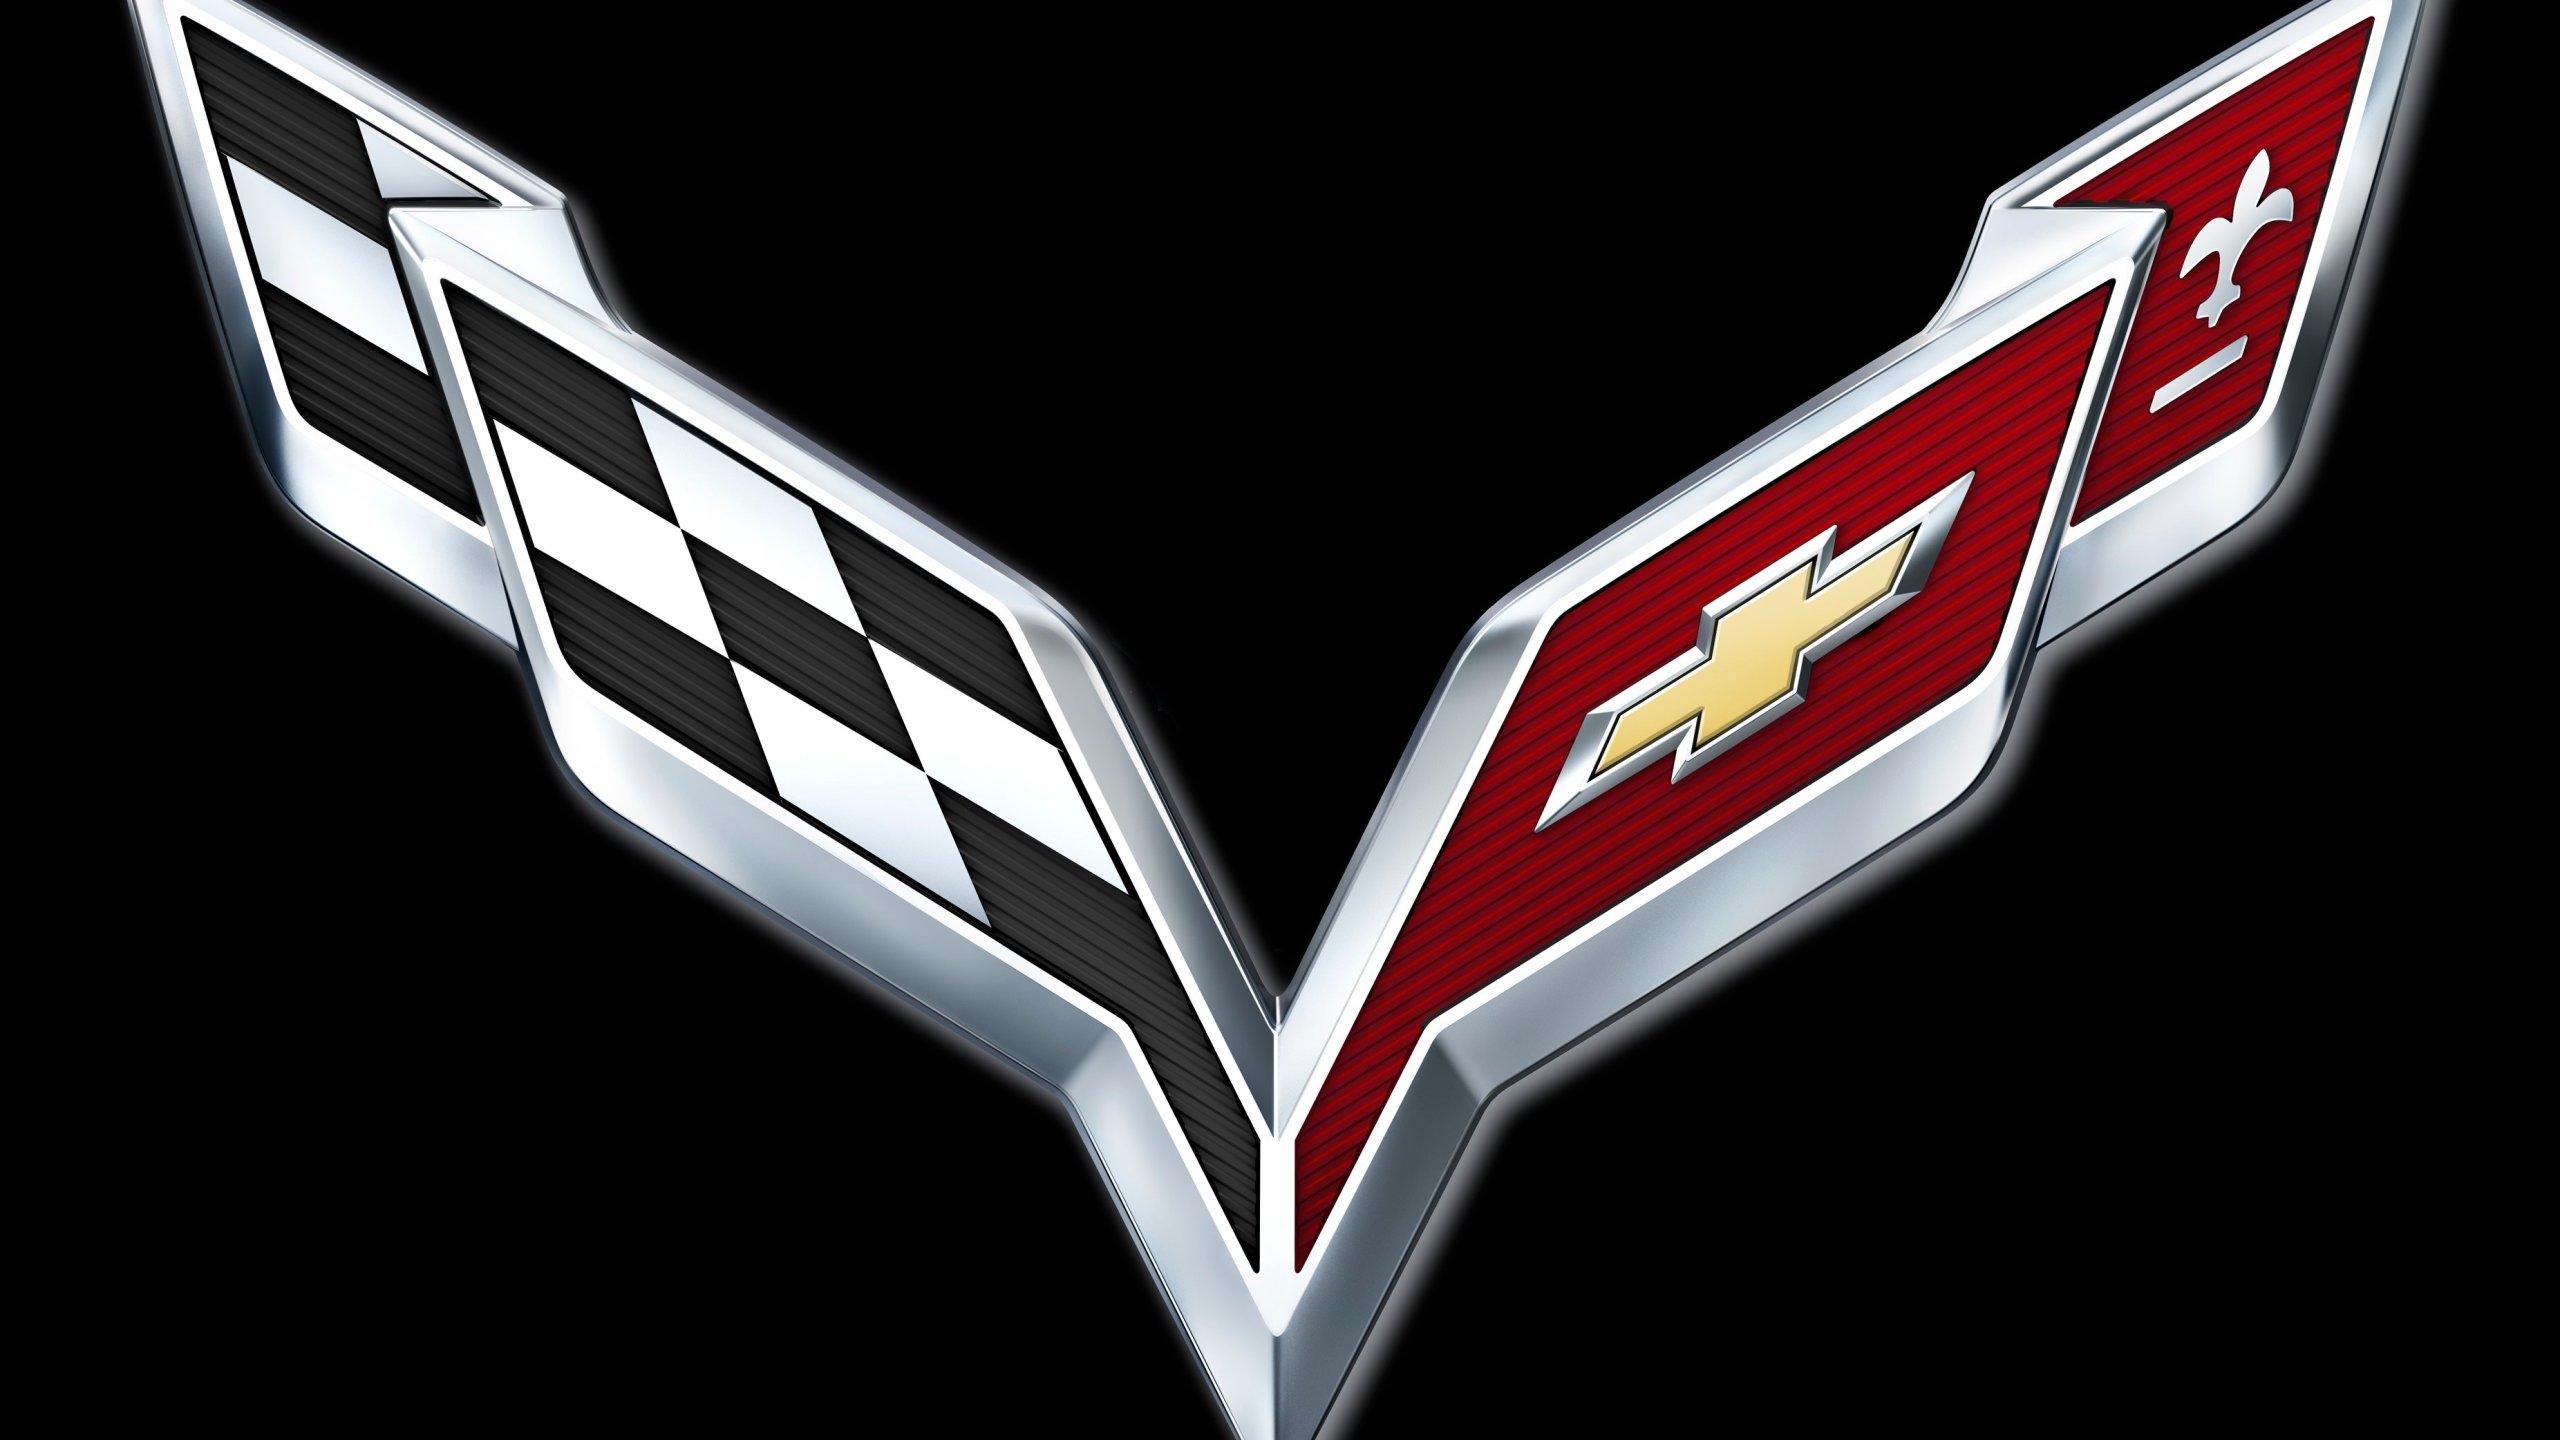 Corvette logo_1555077871132.jpg.jpg